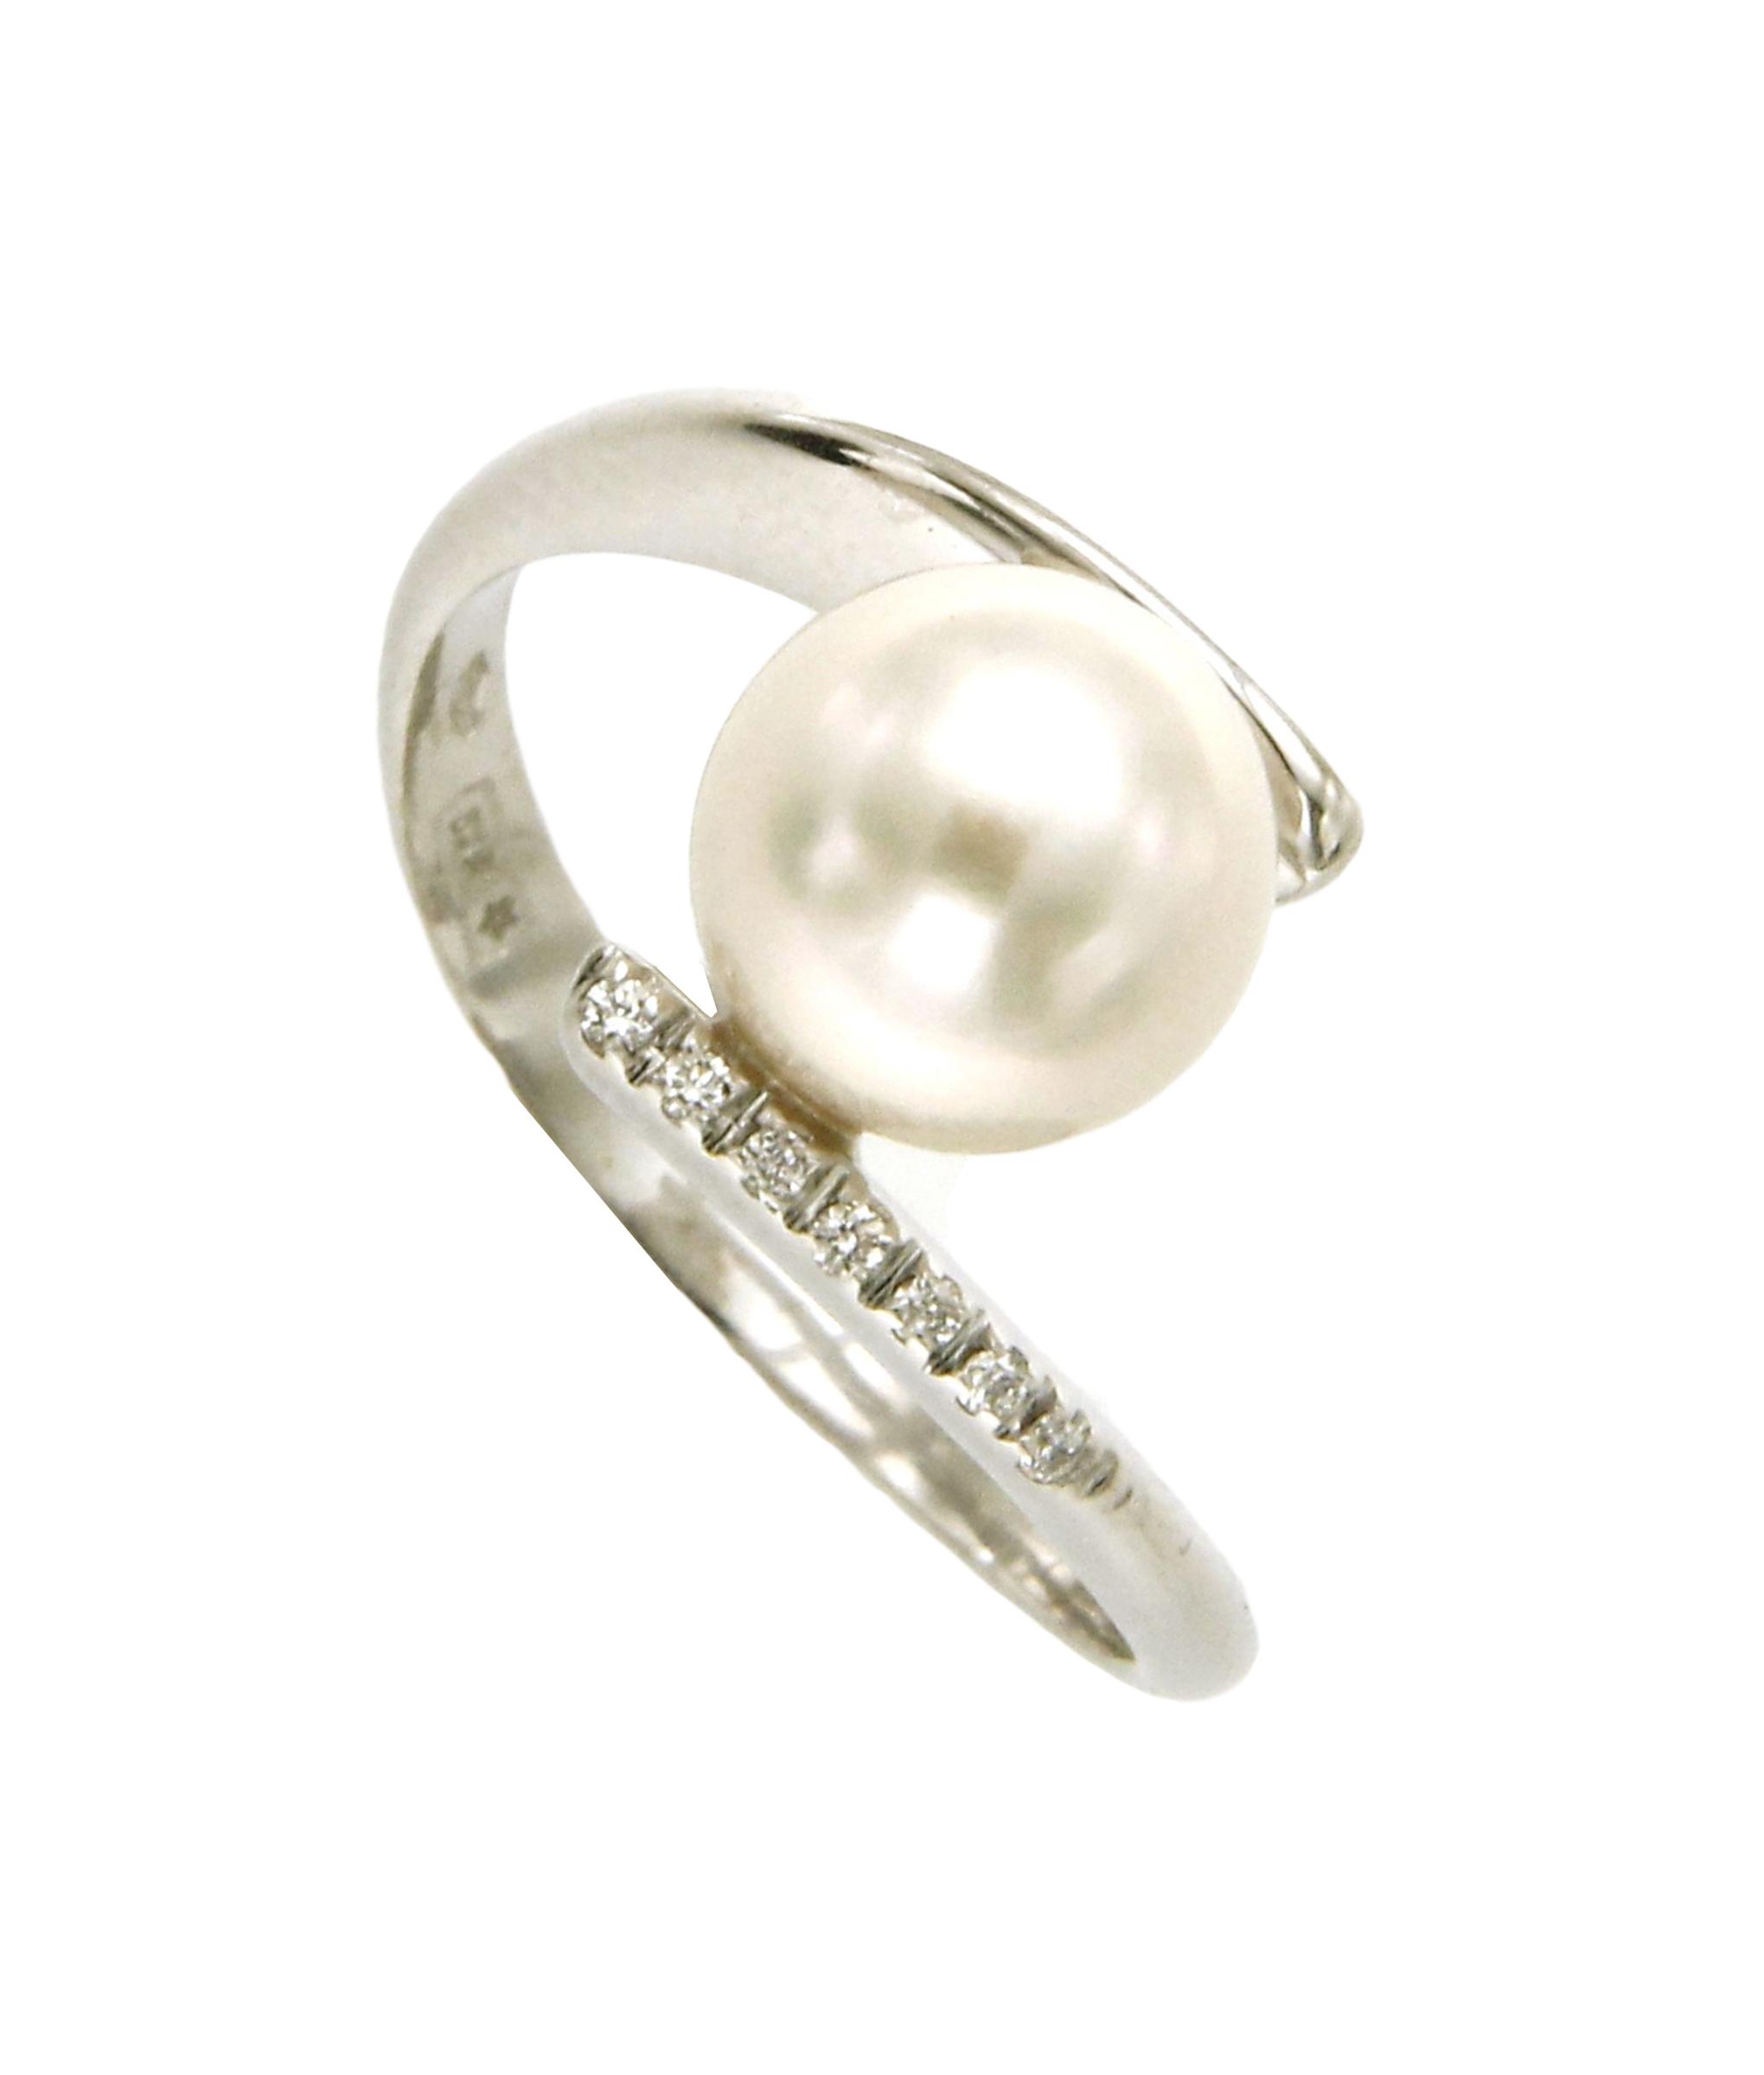 nuovo di zecca 934cc c3f16 Anello contrarie' con perla e diamanti